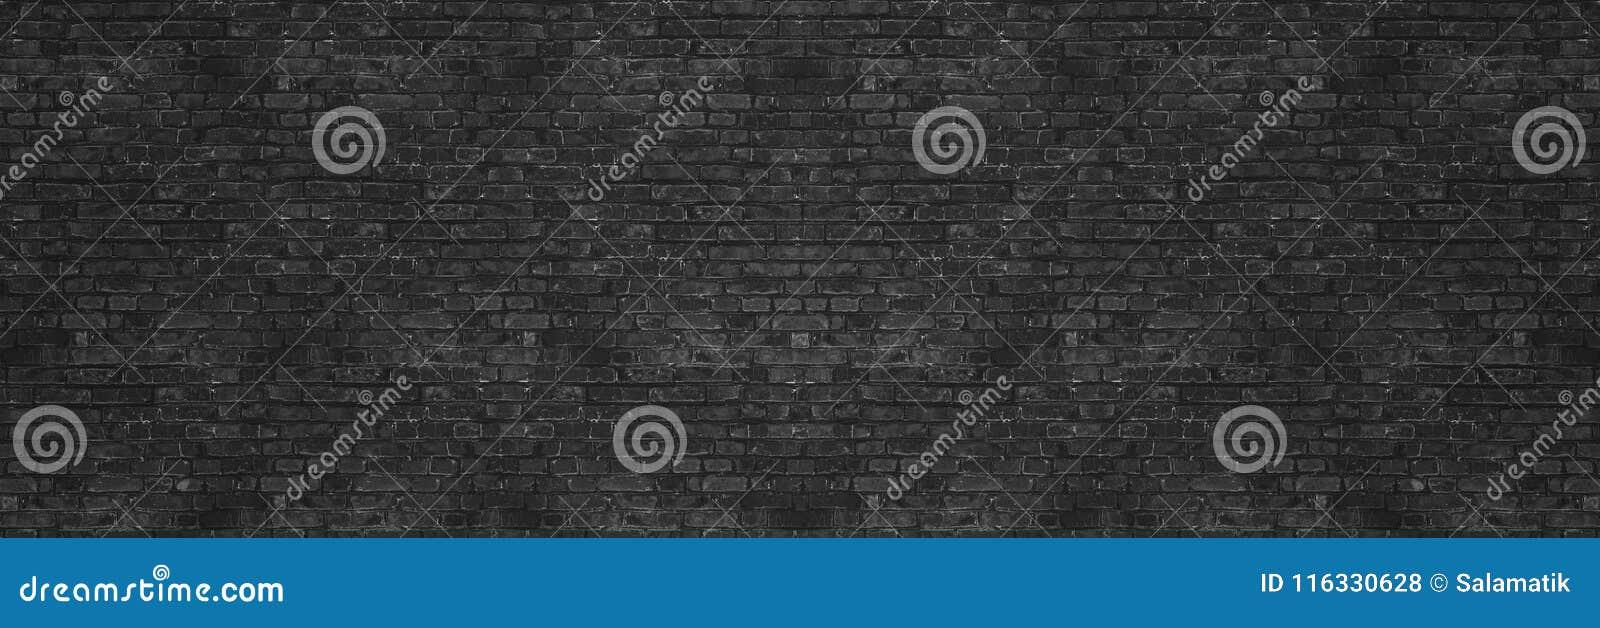 Винтажная черная текстура кирпичной стены мытья для дизайна Панорамная предпосылка для ваших текста или изображения